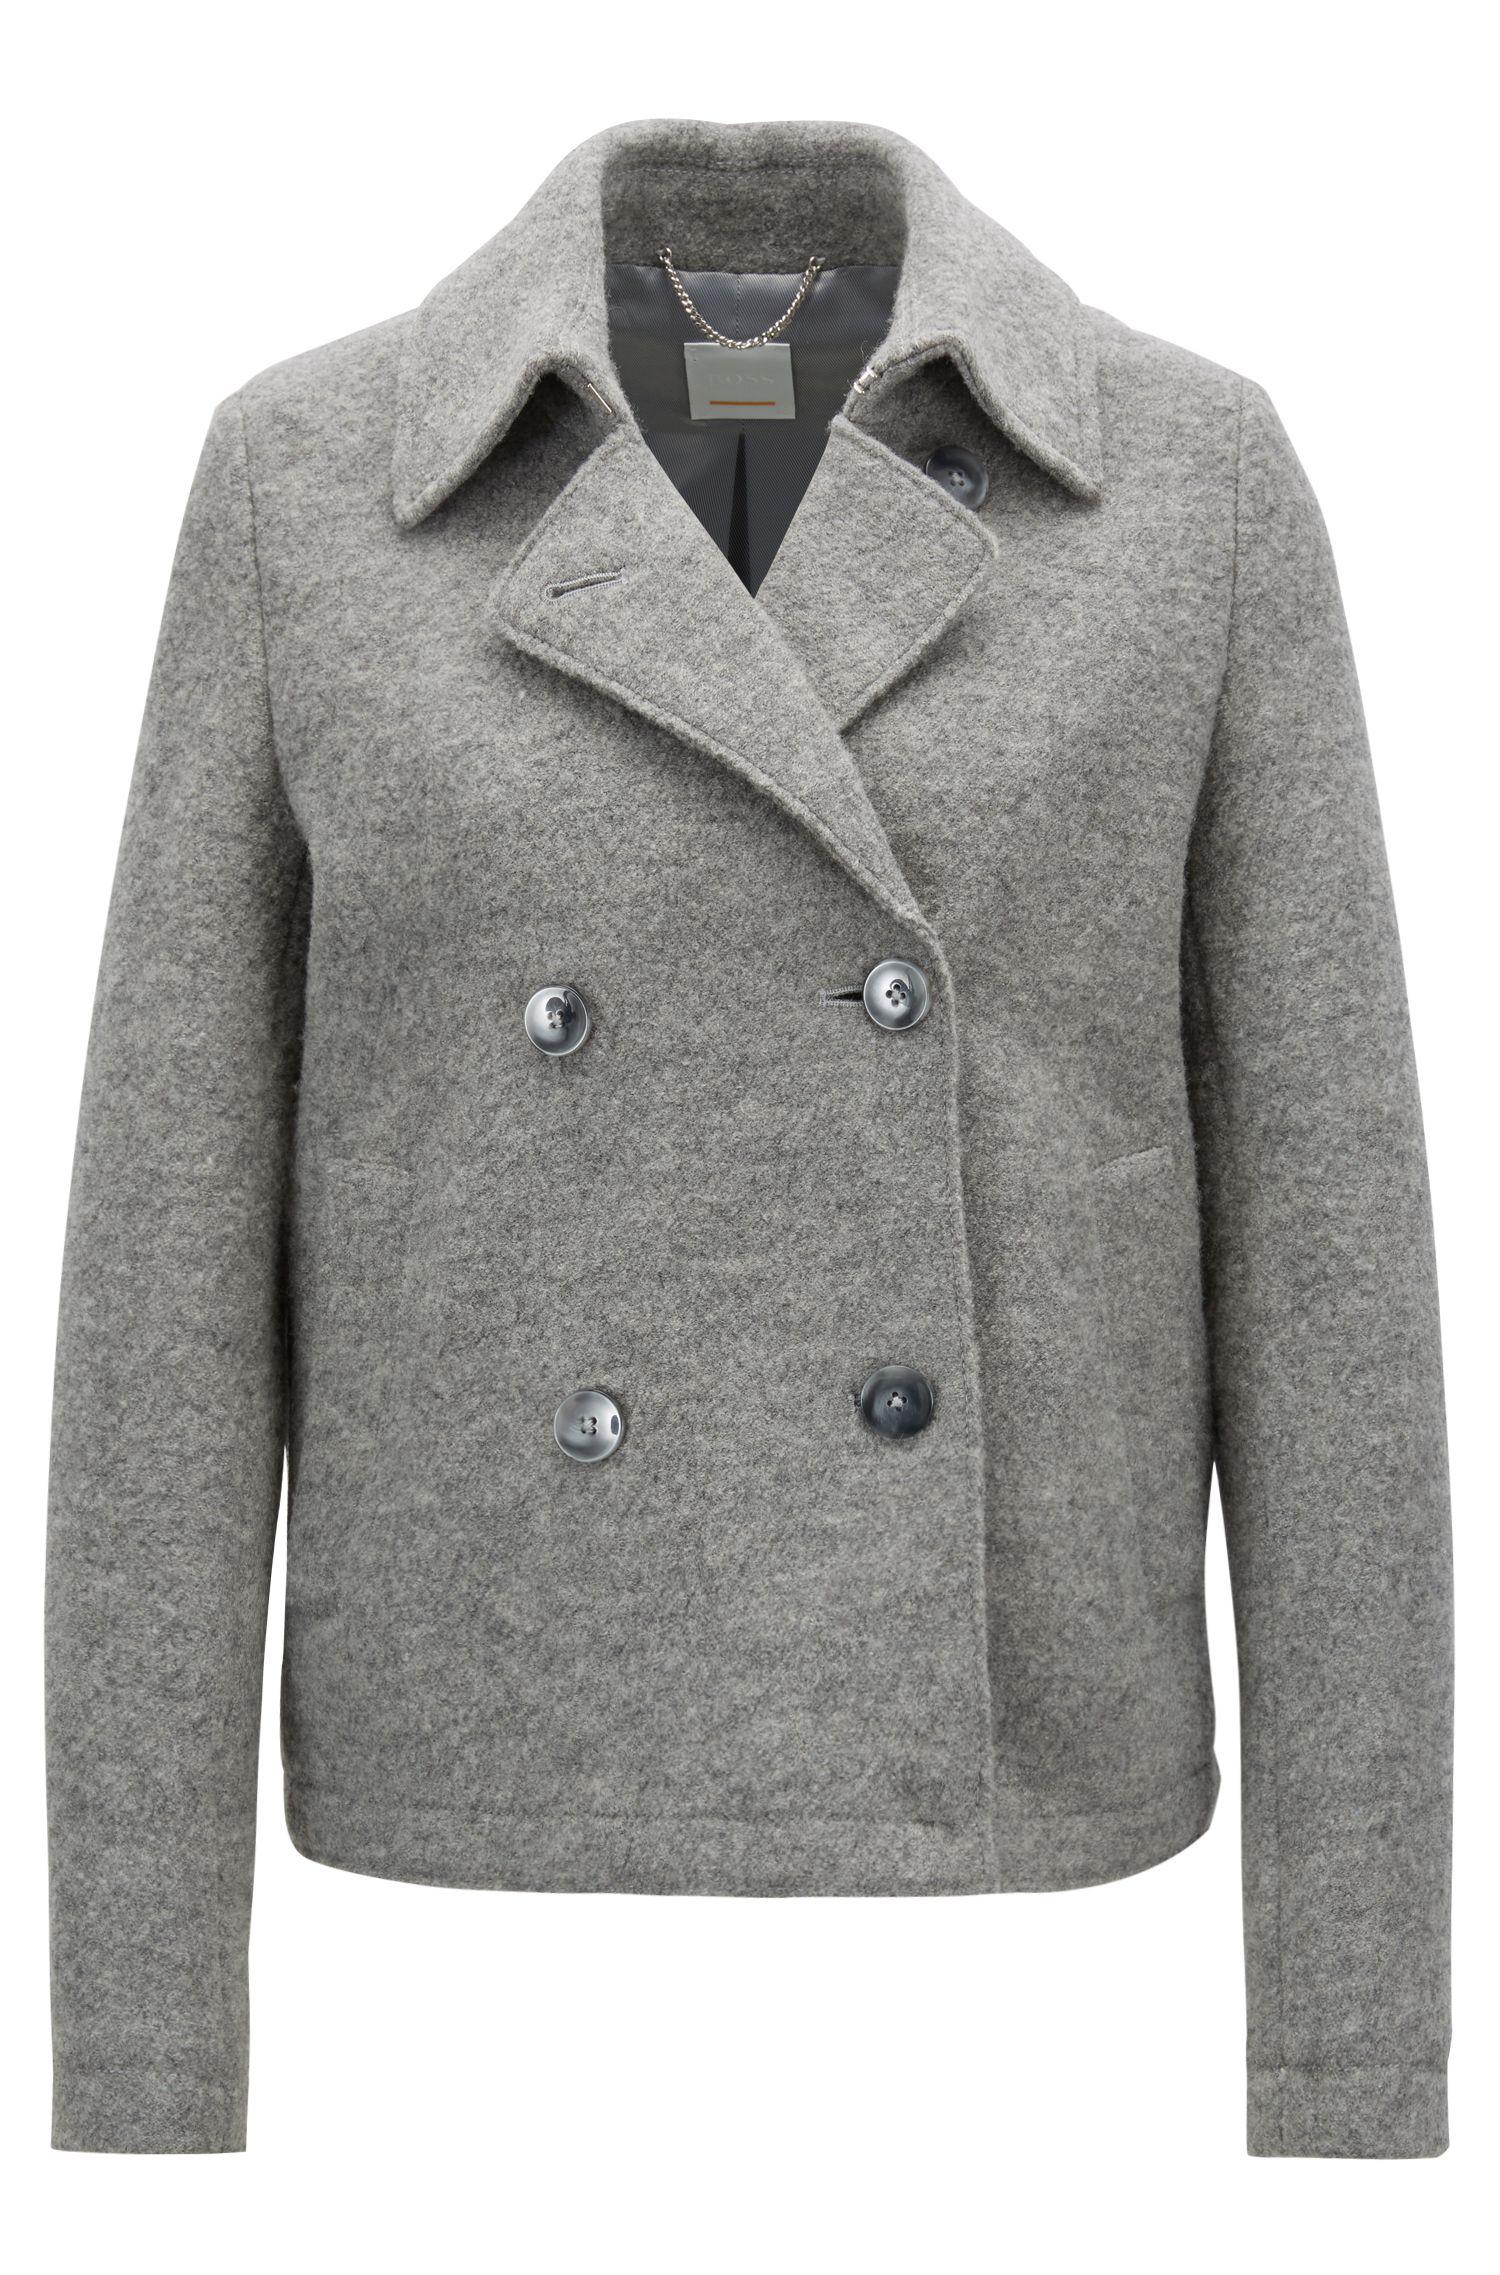 Manteau de style caban en laine vierge, avec martingale amovible